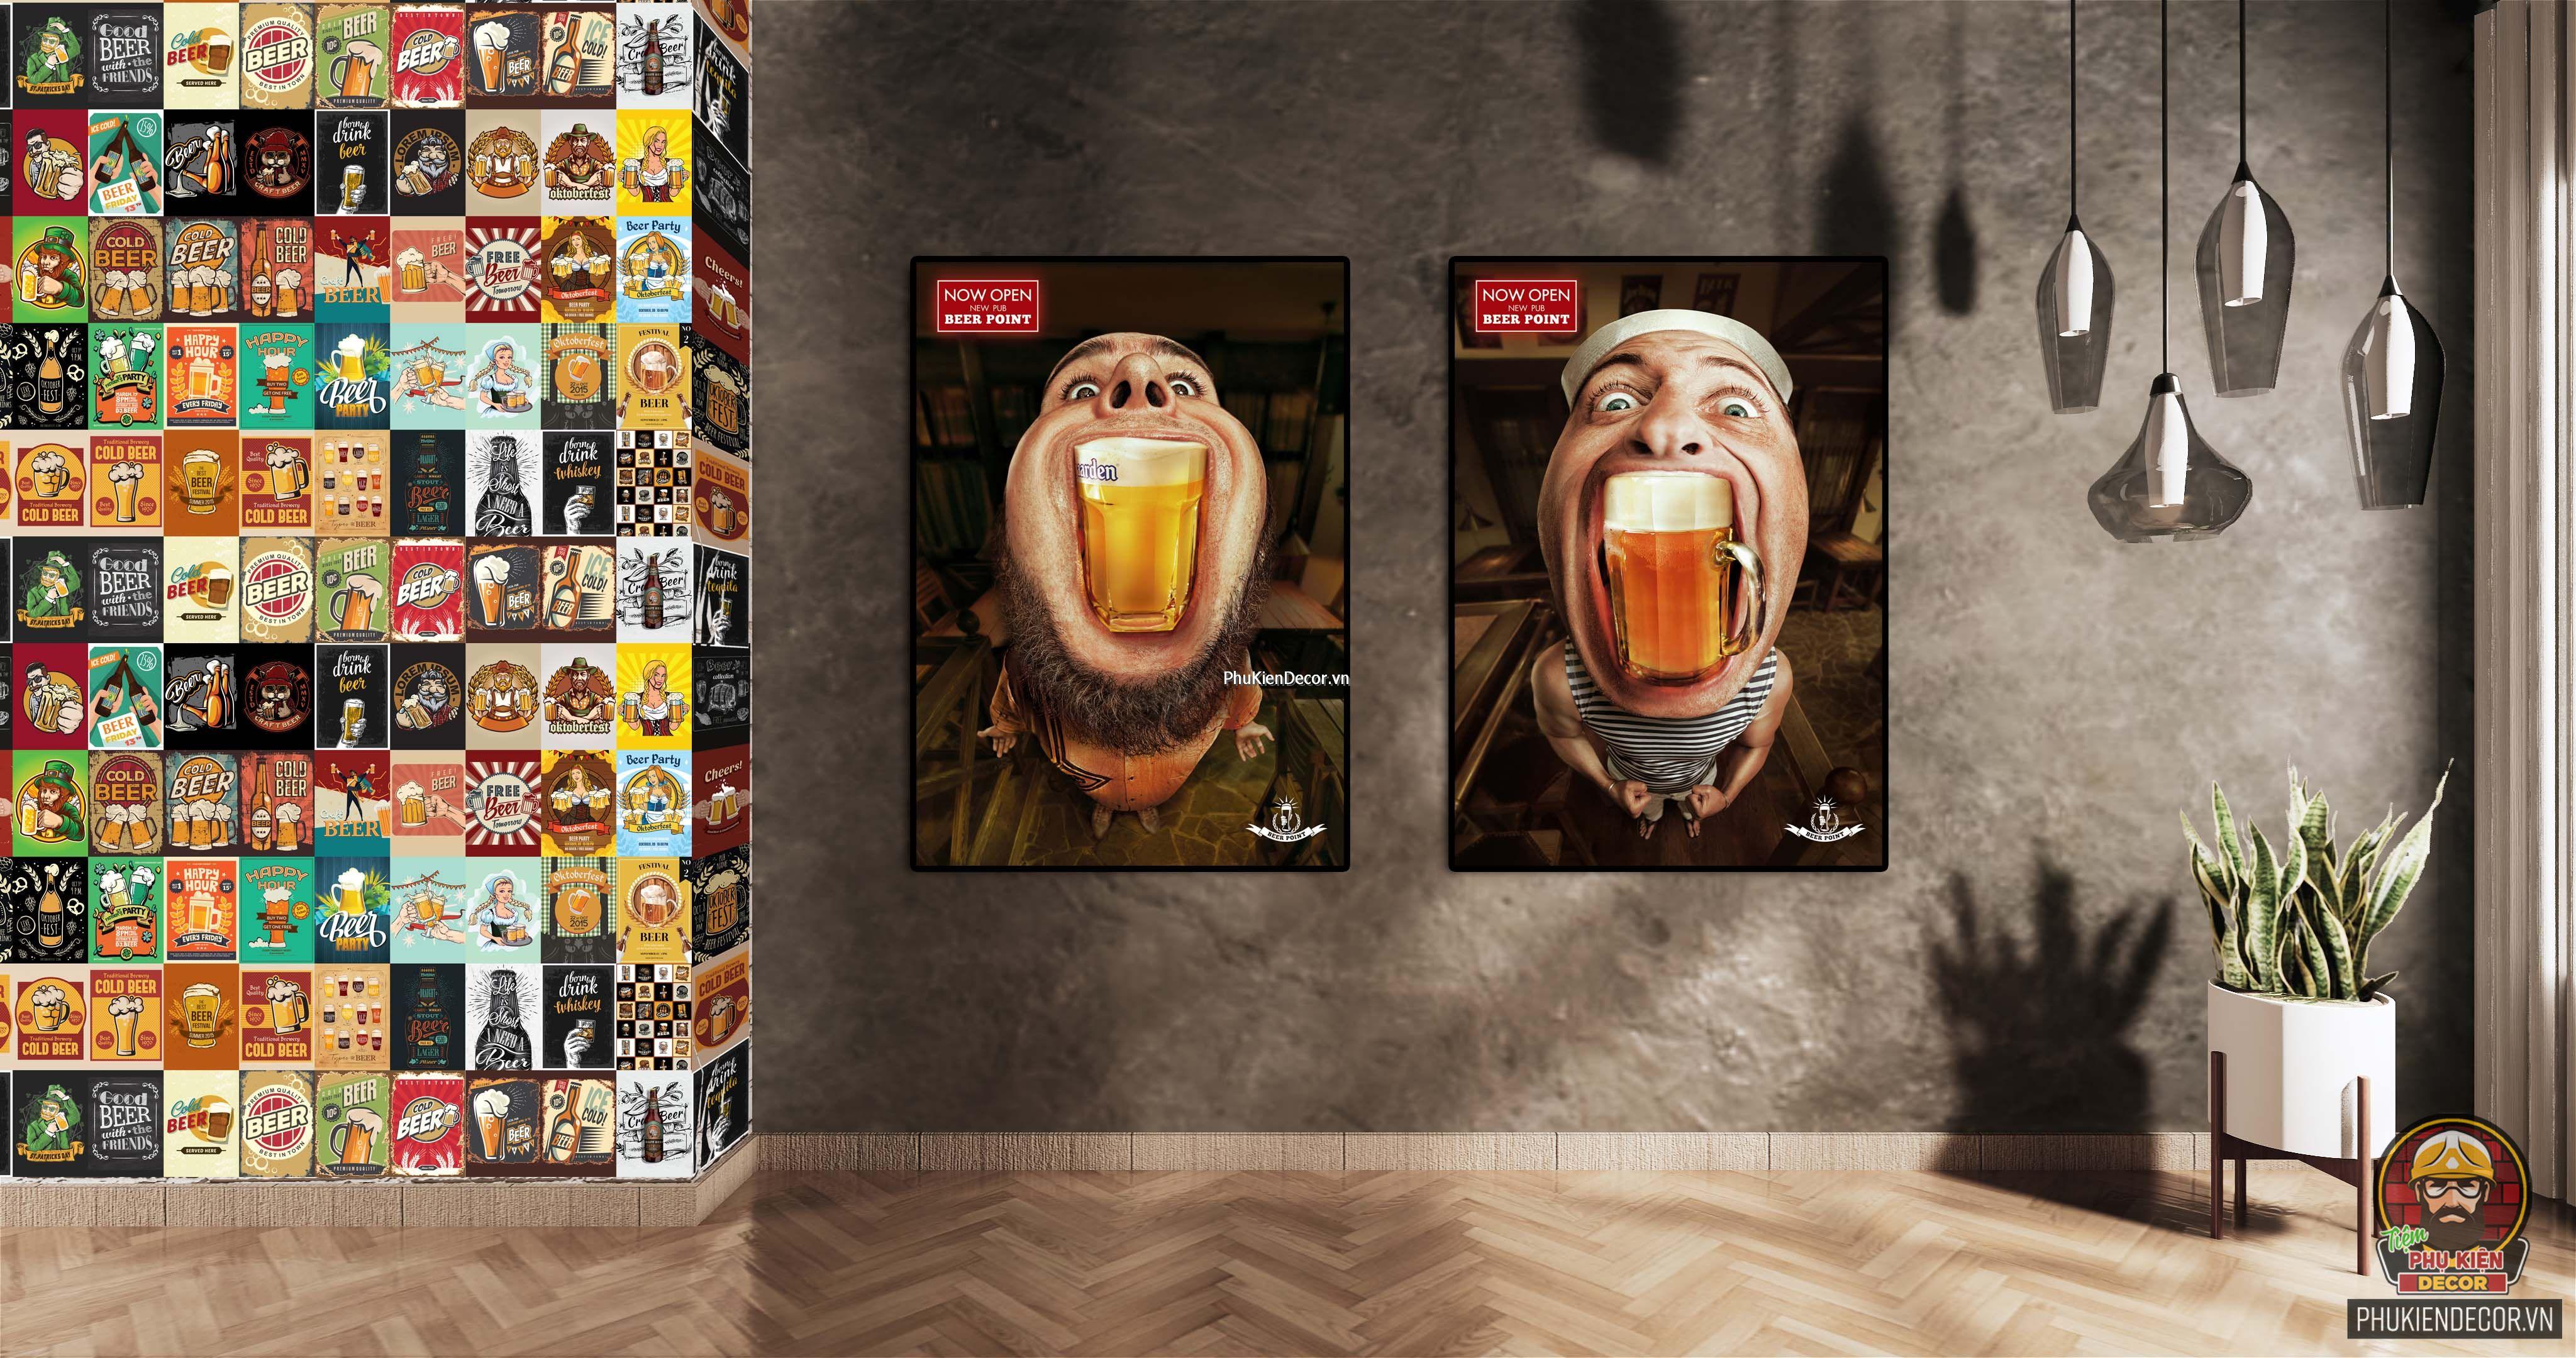 Decal dán tường, Stickers chủ đề BEER, trang trí Quán Cafe, Bia - Set đề can 50 tấm kích thước 20x30cm